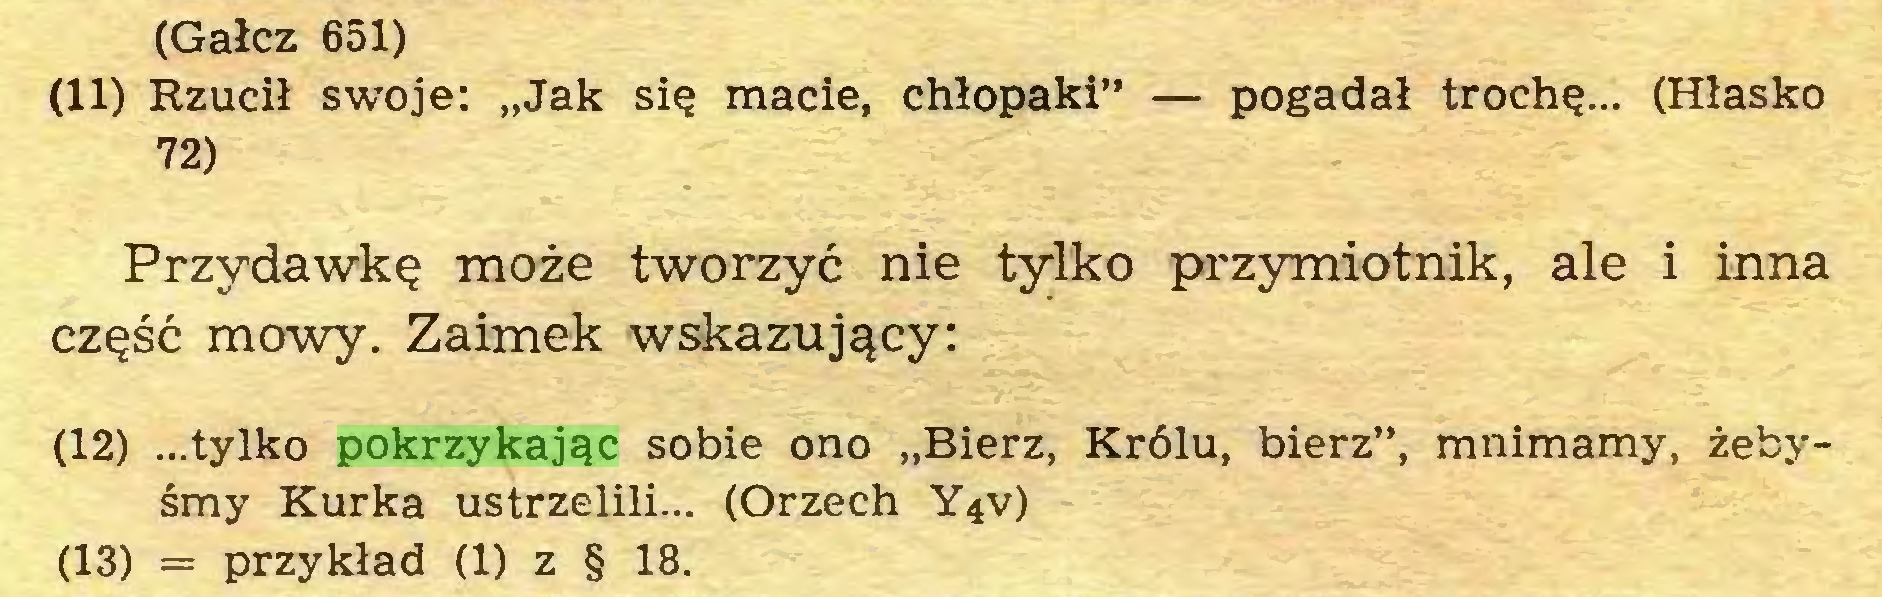 """(...) (Gałcz 651) (11) Rzucił swoje: """"Jak się macie, chłopaki"""" — pogadał trochę... (Hłasko 72) Przydawkę może tworzyć nie tylko przymiotnik, ale i inna część mowy. Zaimek wskazujący: (12) ...tylko pokrzykając sobie ono """"Bierz, Królu, bierz"""", mnimamy, żebyśmy Kurka ustrzelili... (Orzech Y4V) (13) = przykład (1) z § 18..."""